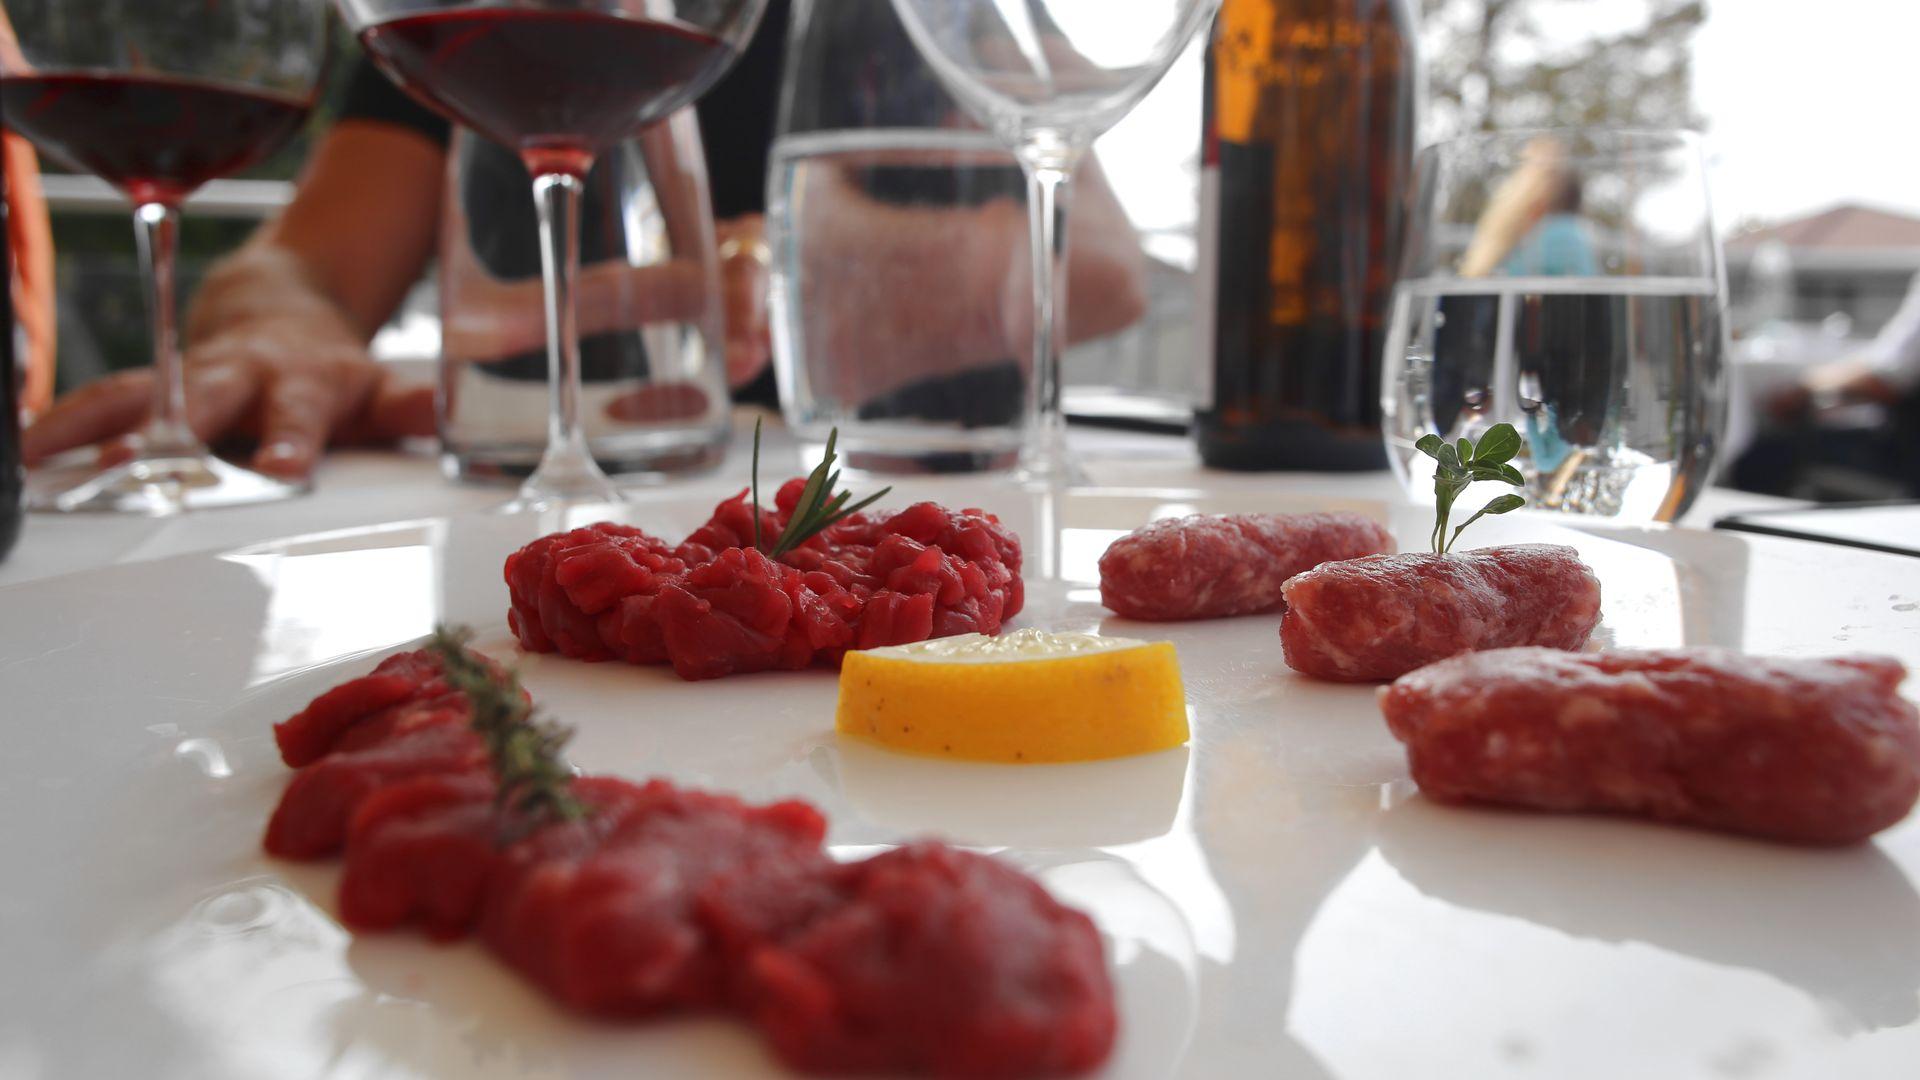 Piemonte tartar